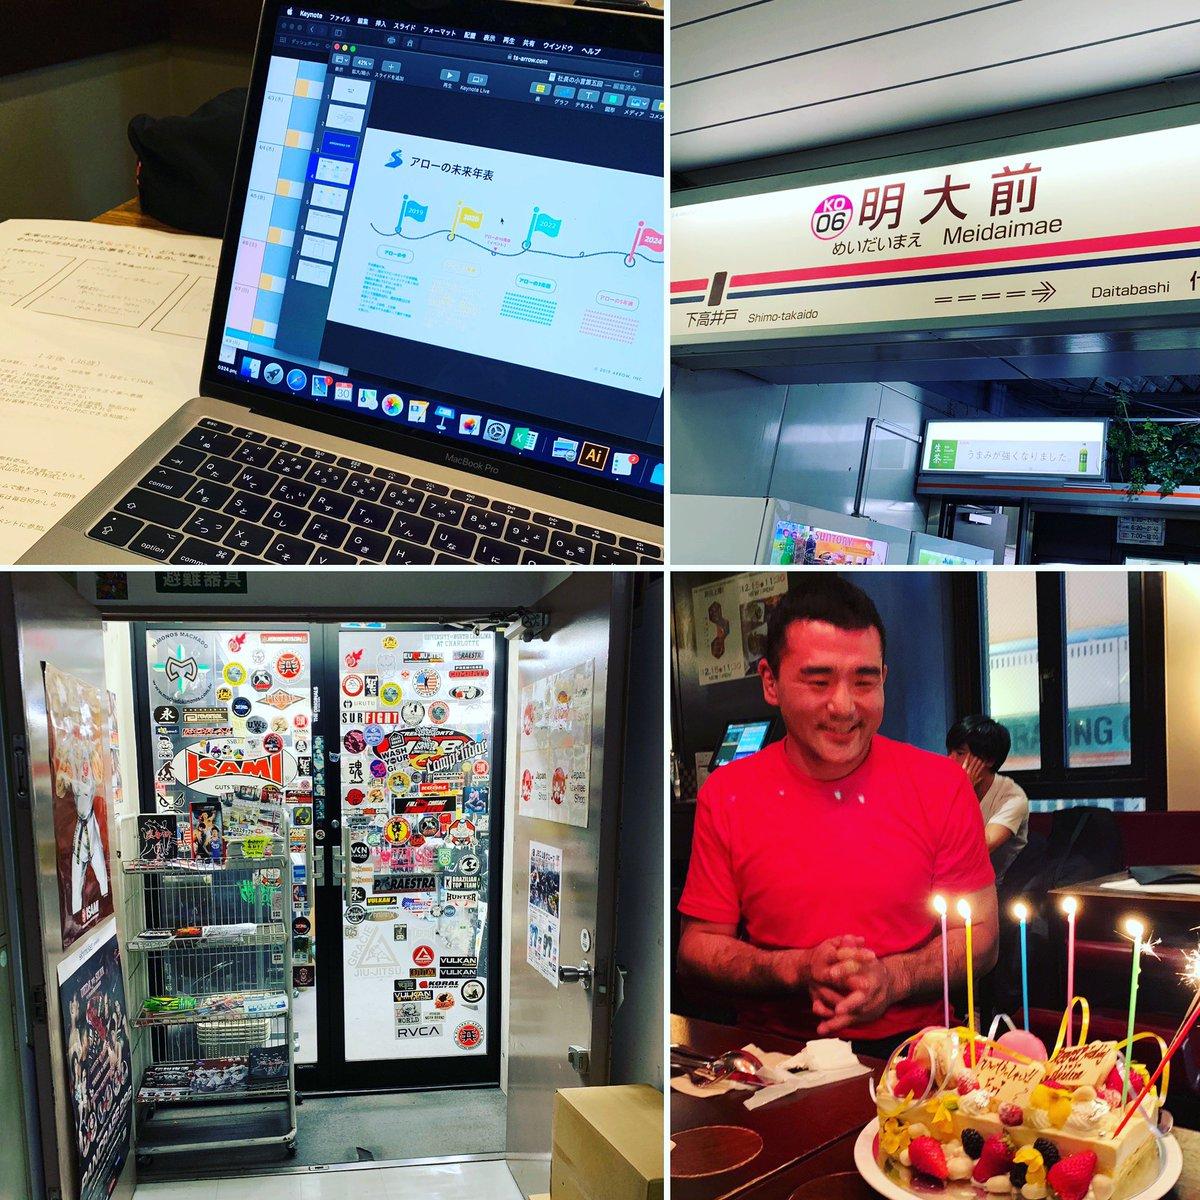 仕事していて頭が疲れたのでガッツマンで練習、スッキリしてから再び仕事しに外へ出て、、そのあと、東京イサミで誕生日プレゼントに鉄下駄を買って、誕生日会へ! 今日は色々やりたいことが出来てとても気持ちがいい。本当に周りのサポートのお陰です🙇♂️ #村山暁洋 #バースデー #鉄下駄 #東京イサミ